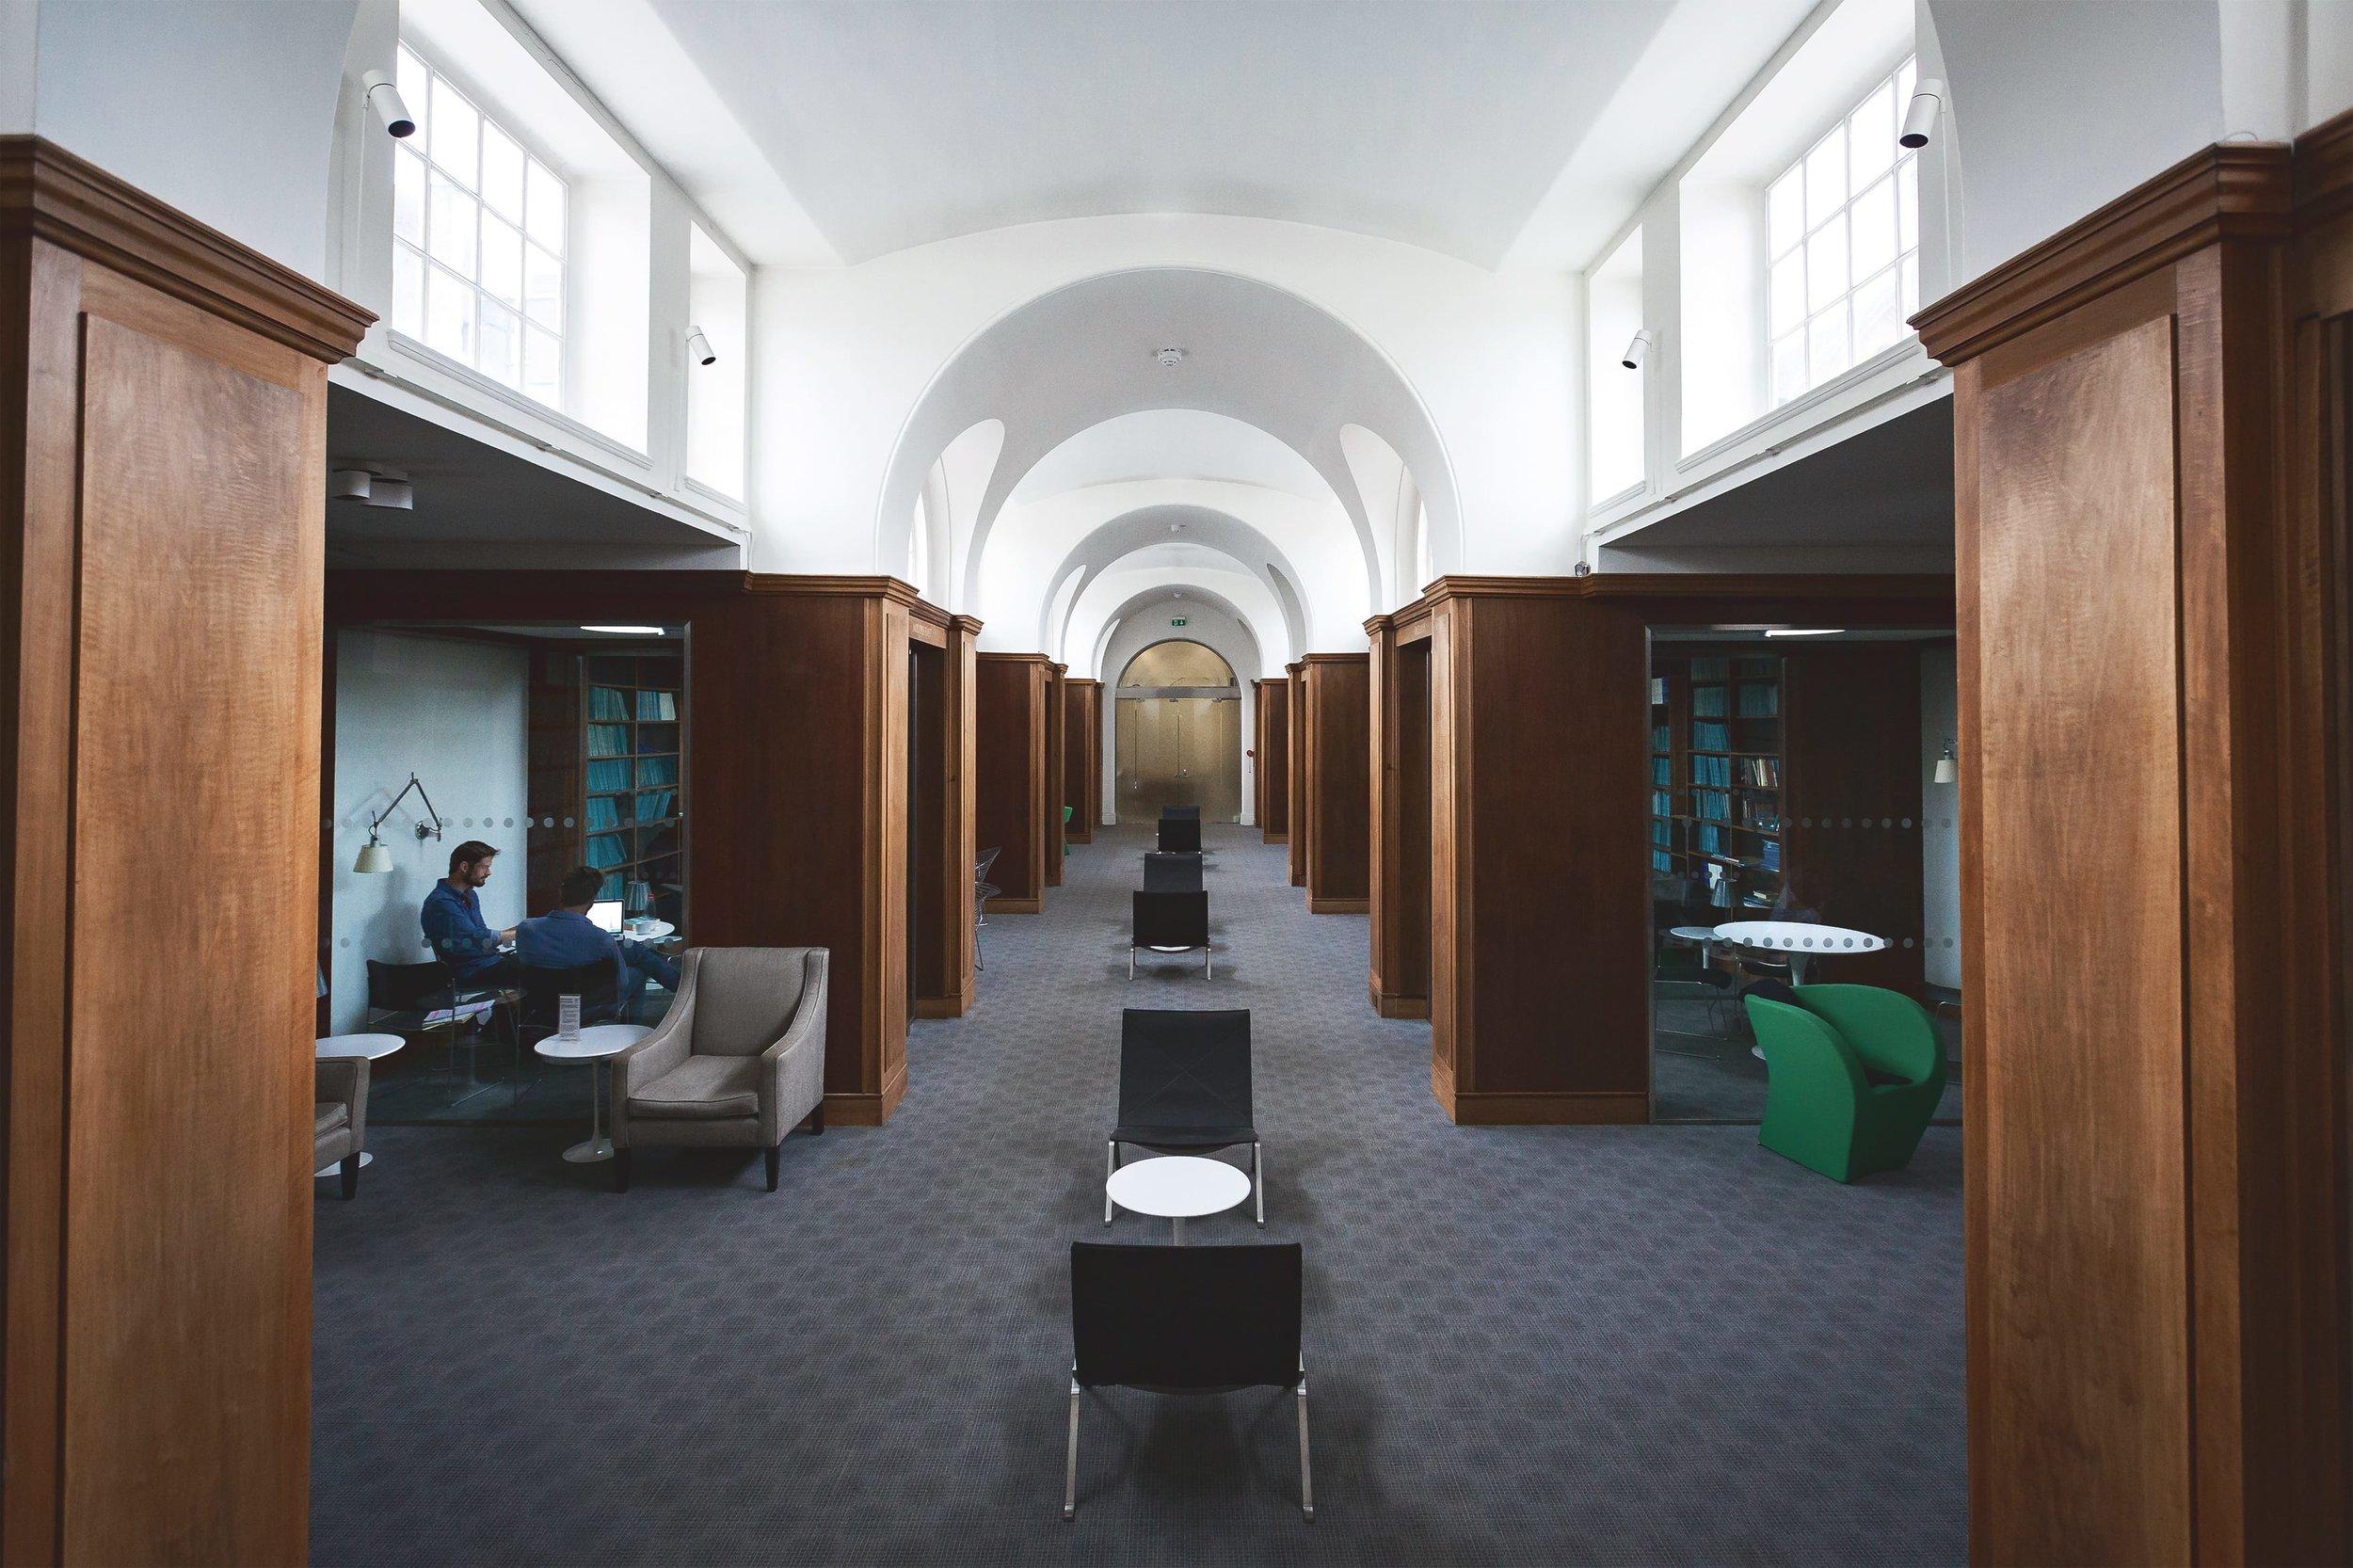 FabioBurrelliPhotography_Architecture_Interior_Web_1.jpg